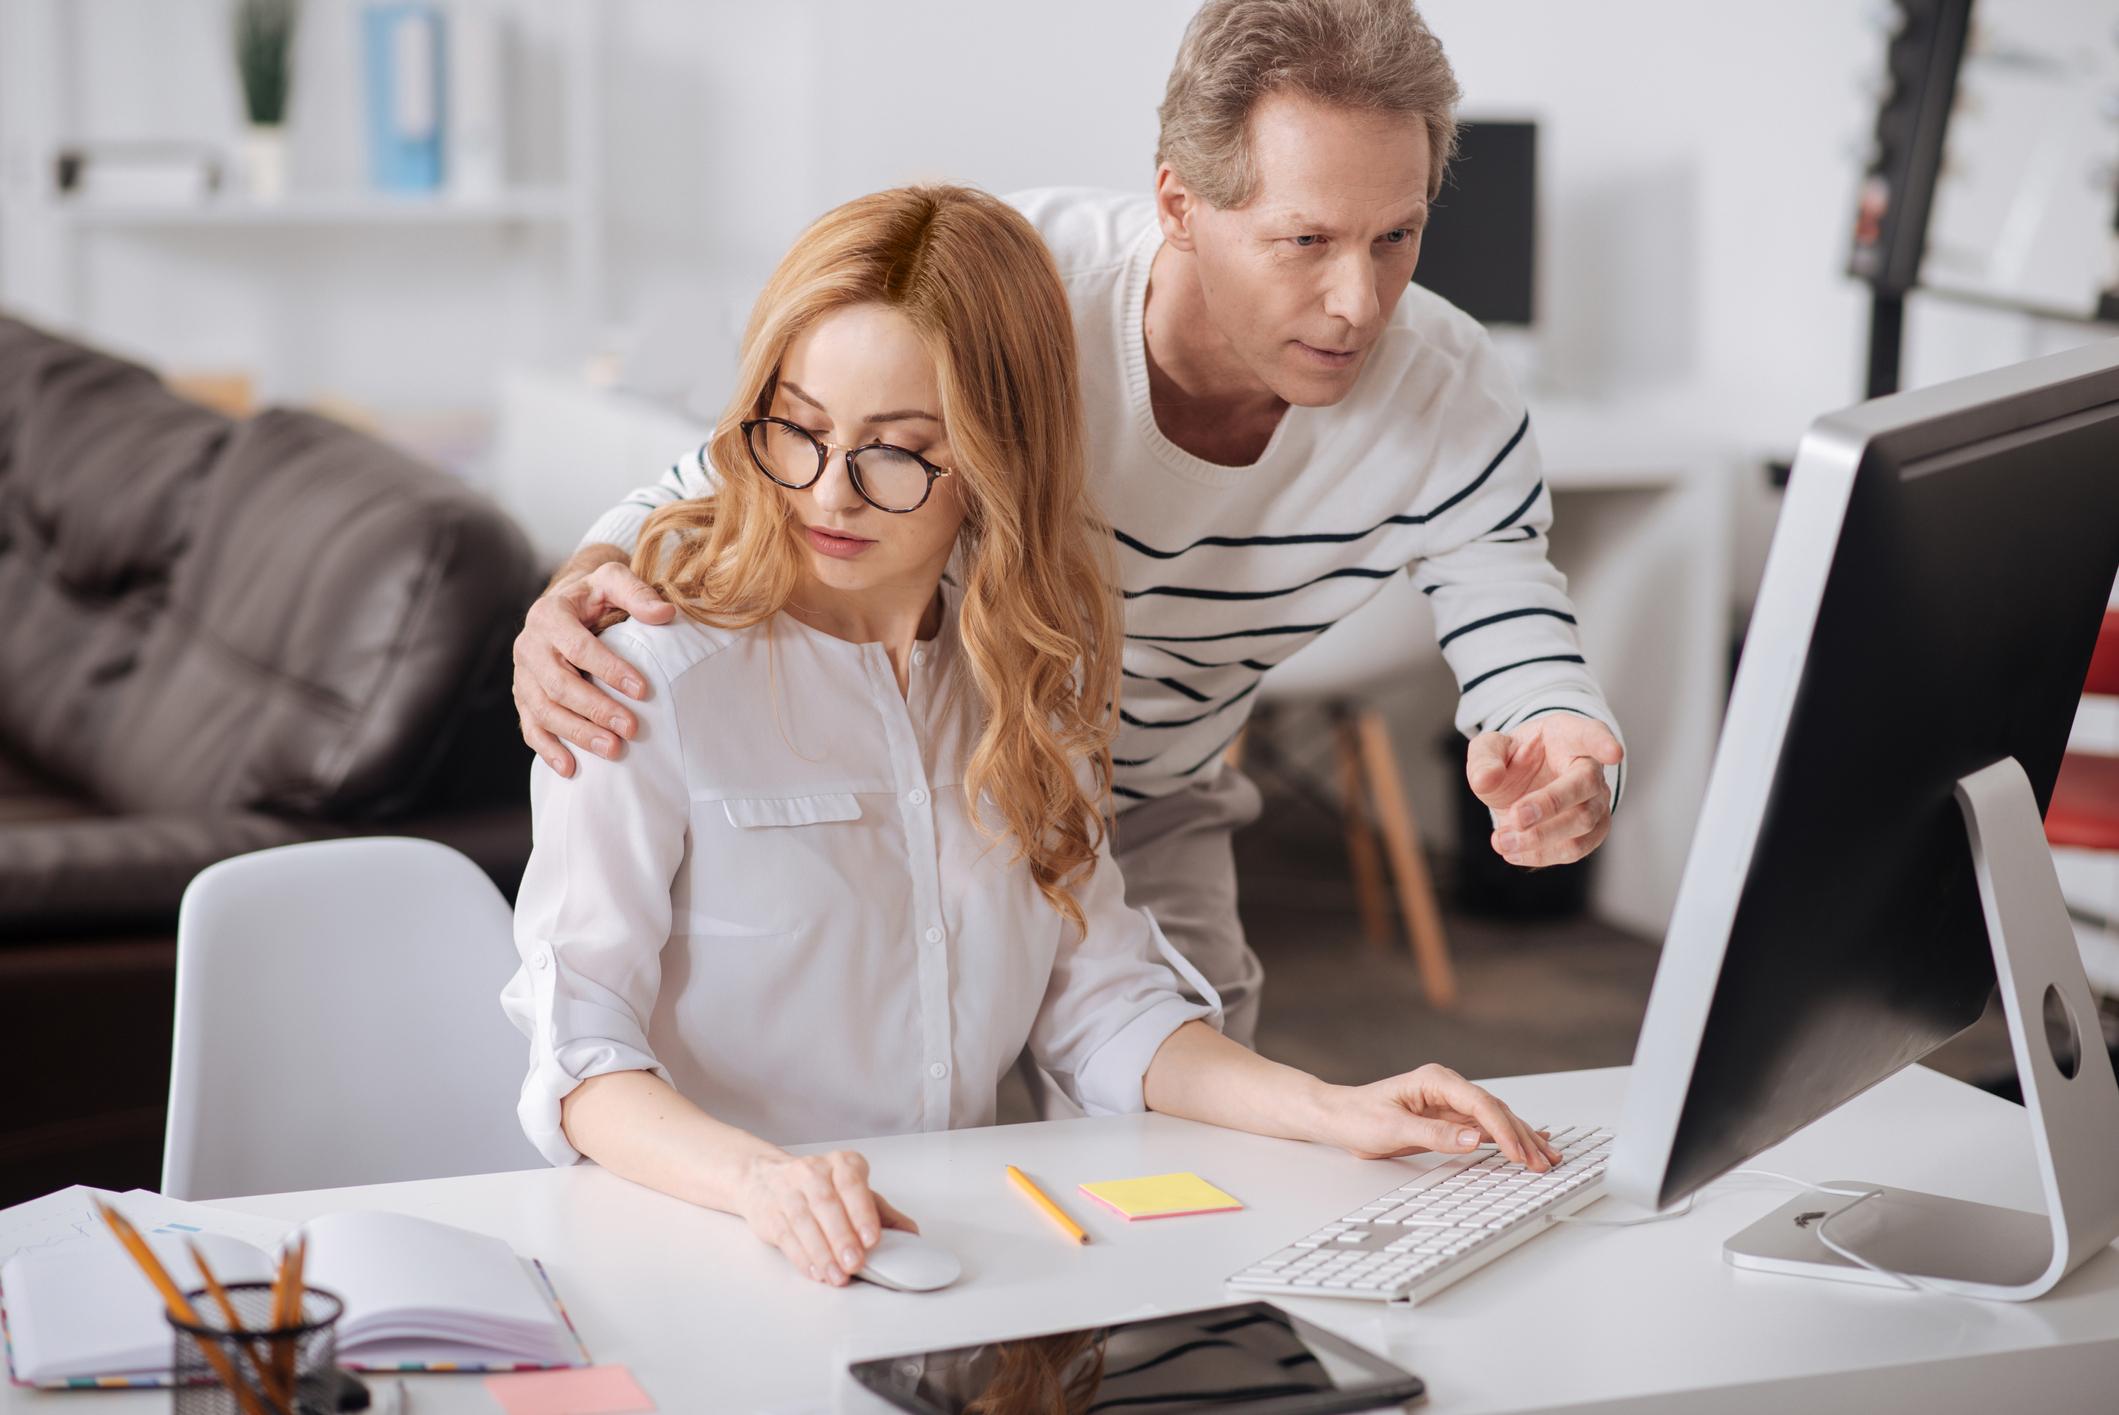 Cómo identificar y combatir el acoso sexual en el trabajo